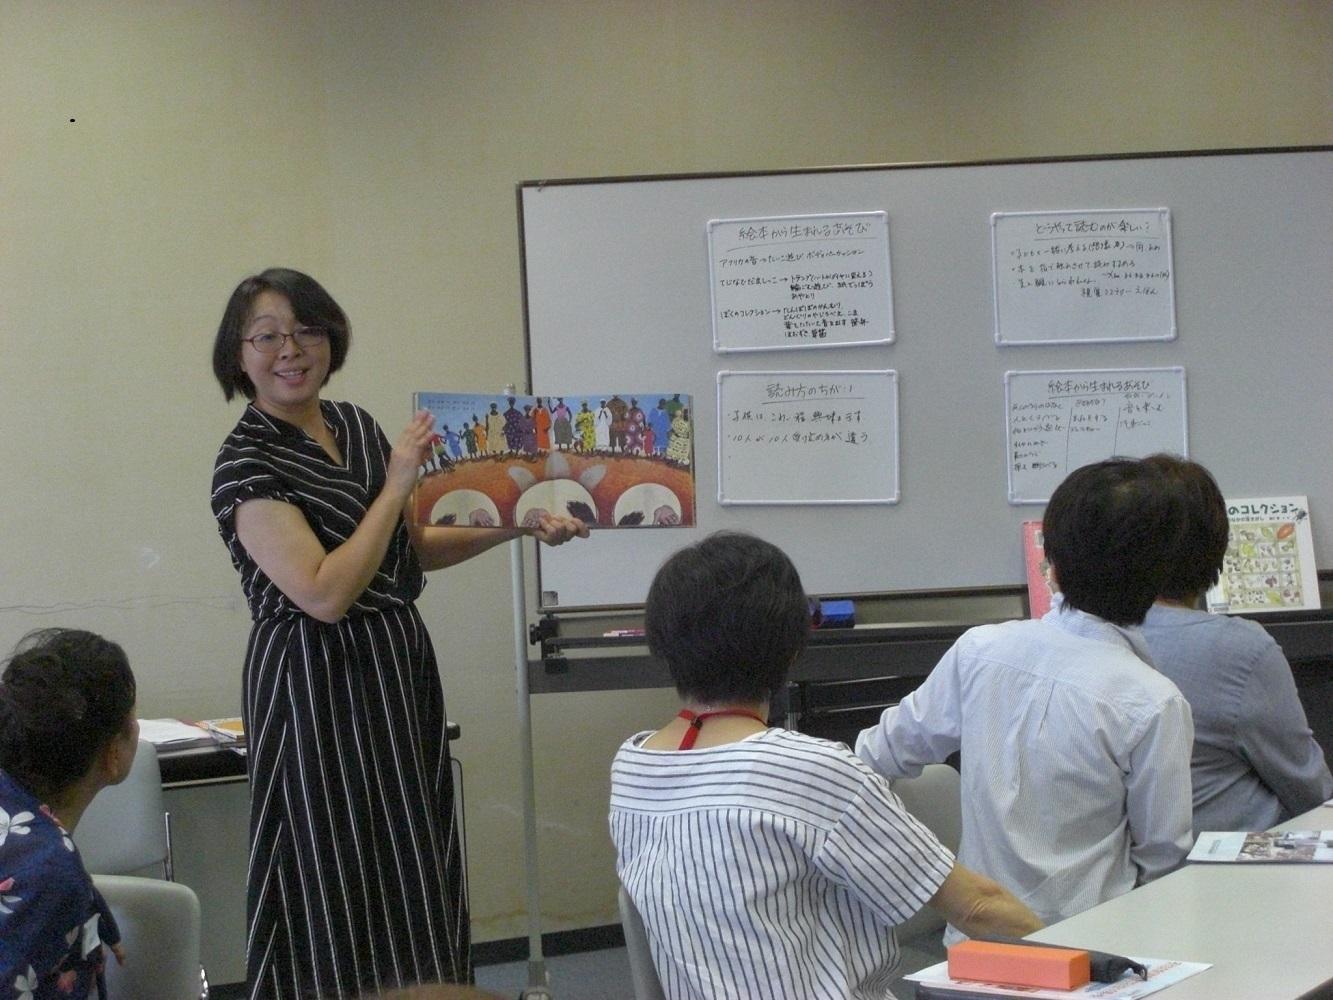 令和元年度第1回フォローアップ研修会「子どもと絵本」を開催しました